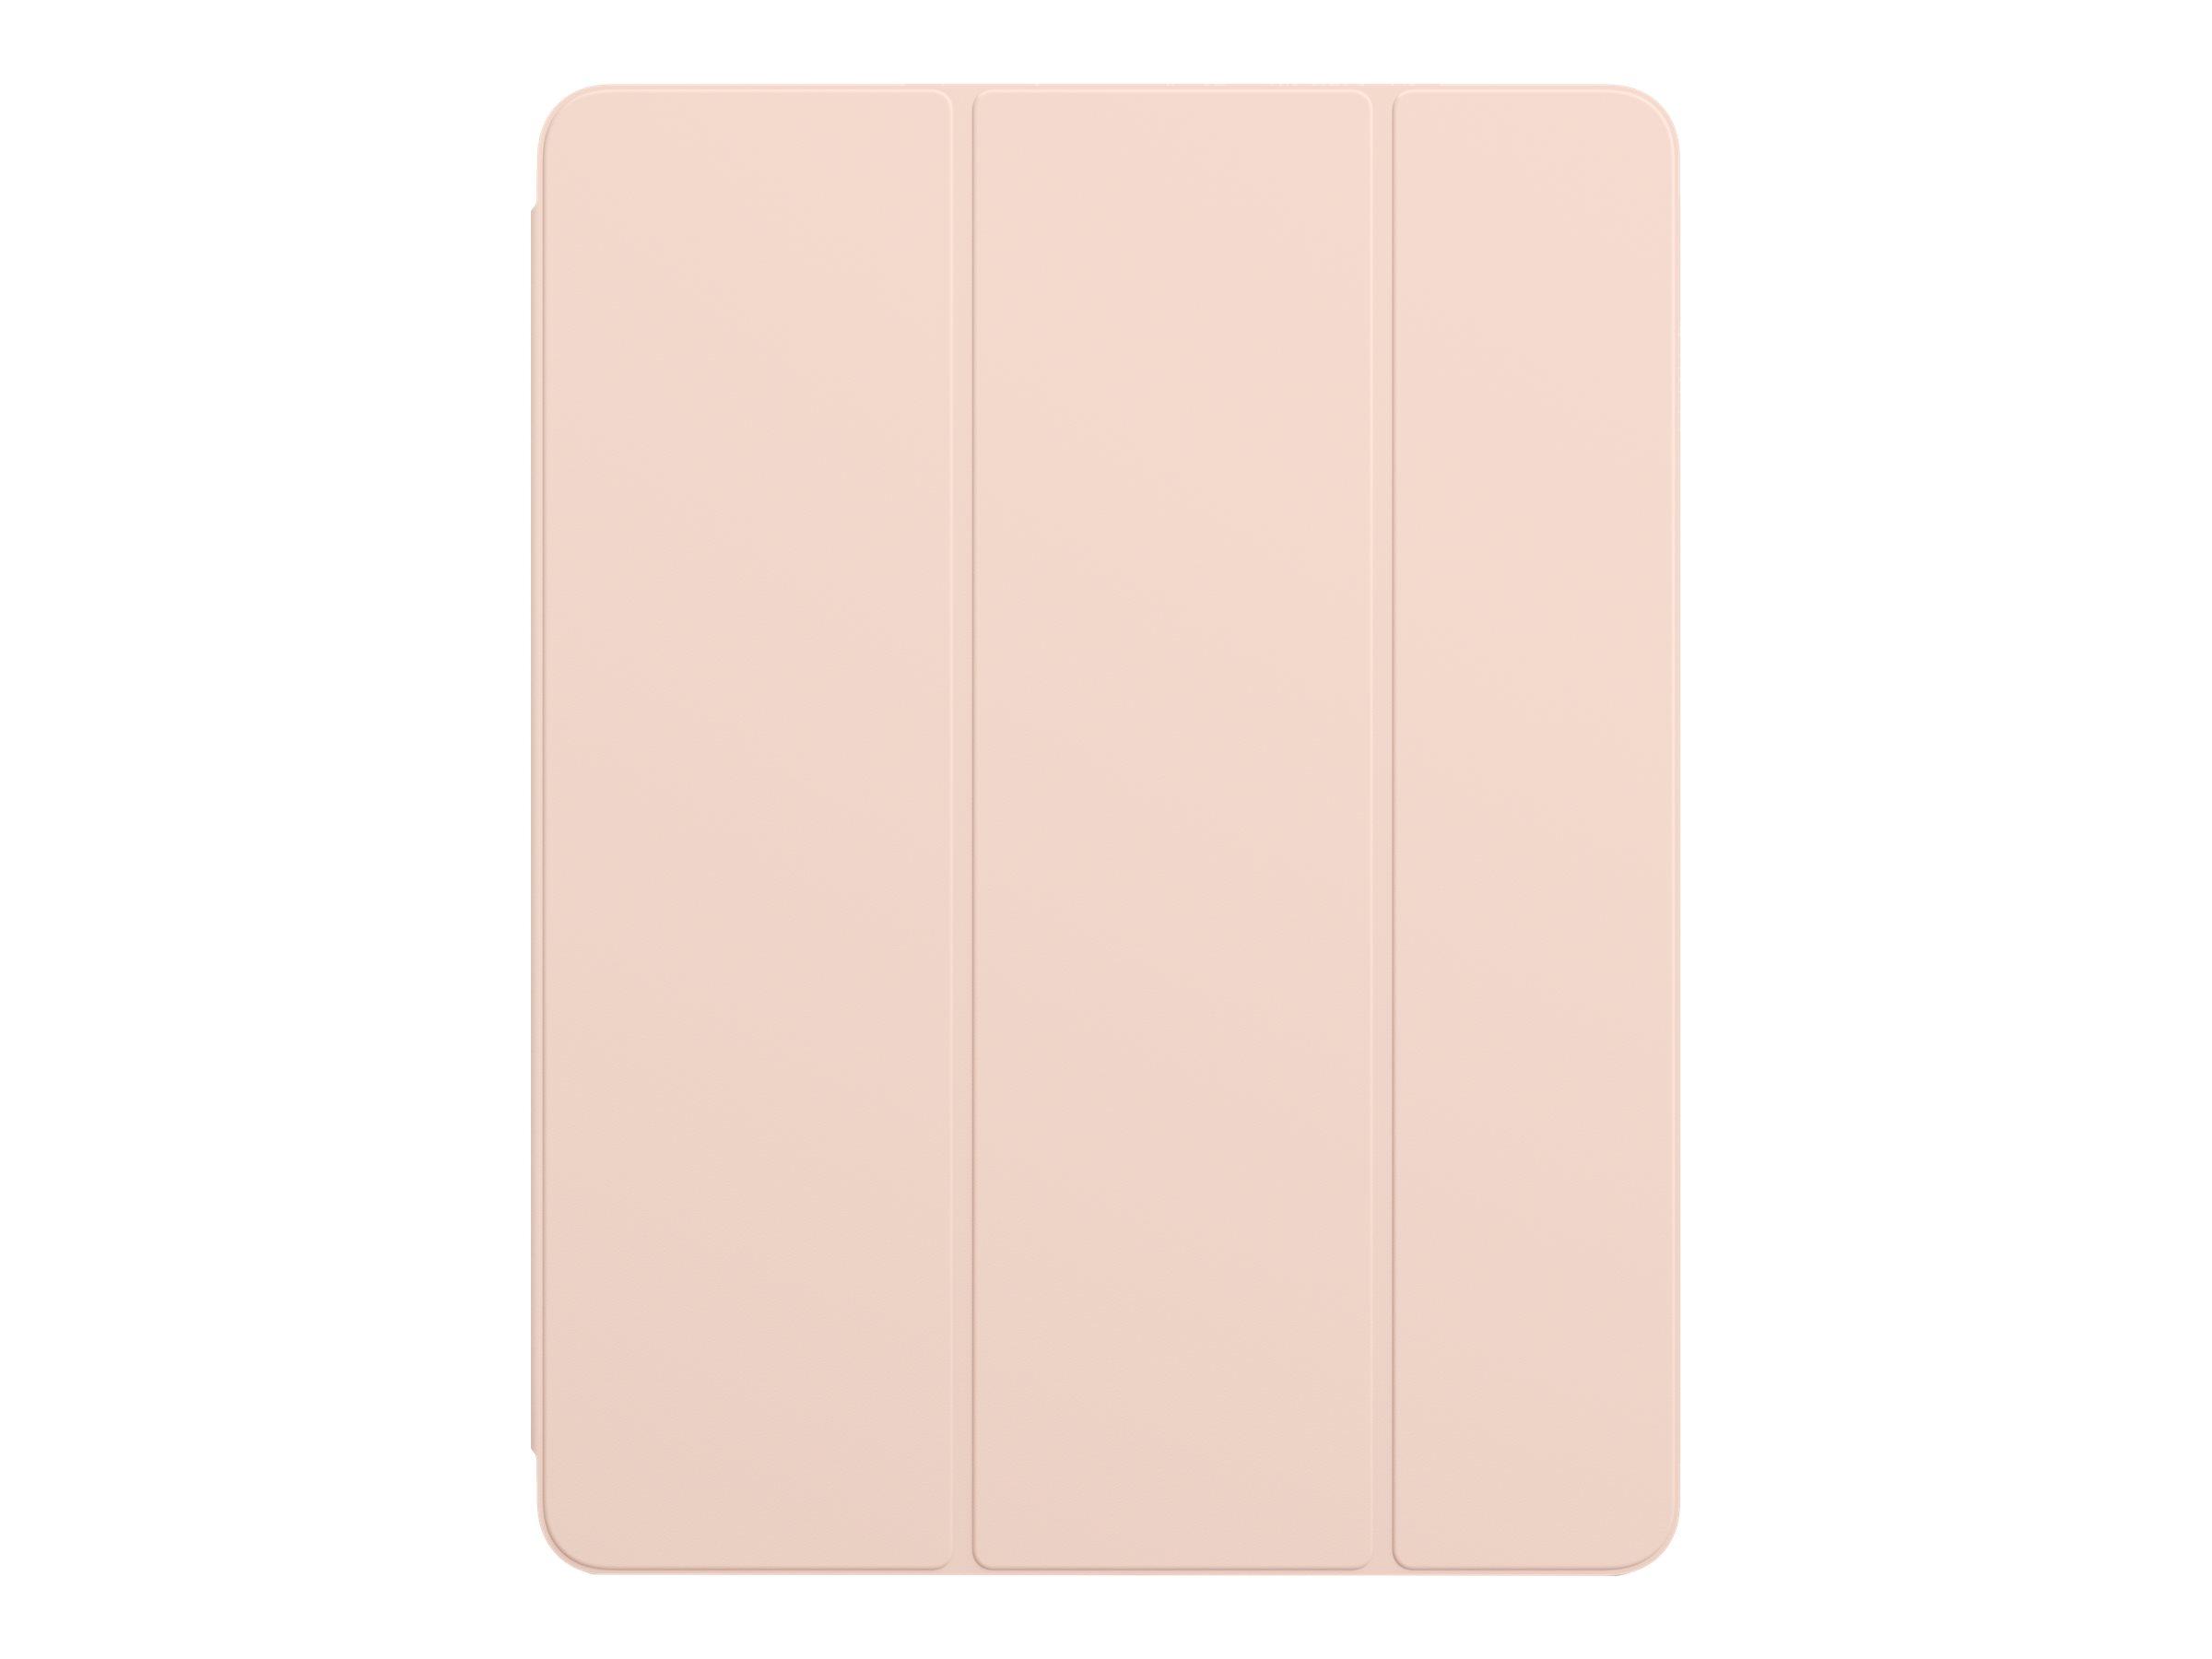 """Vorschau: Apple Smart Folio - Flip-Hülle für Tablet - Polyurethan - rosa sandfarben - 12.9"""" - für 12.9-inch iPad Pro (3. Generation, 4. Generation)"""